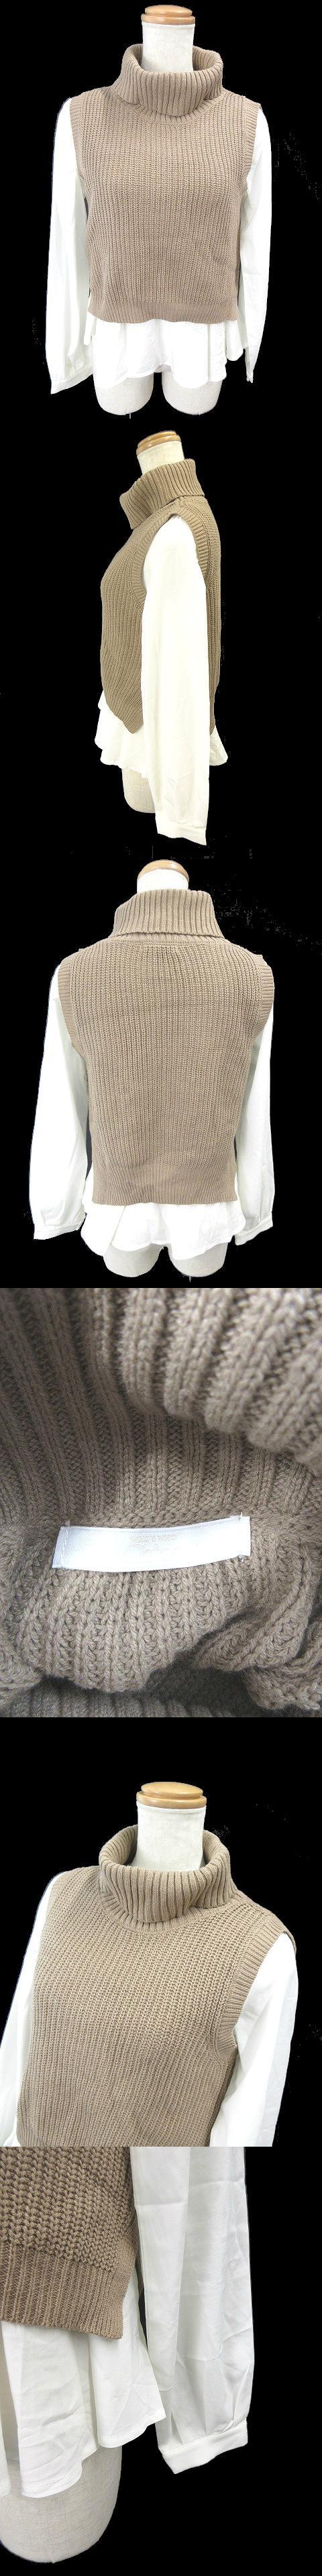 セーター ニット ノースリーブ ベスト タートルネック シャツ 長袖 F 茶 ブラウン /MU7